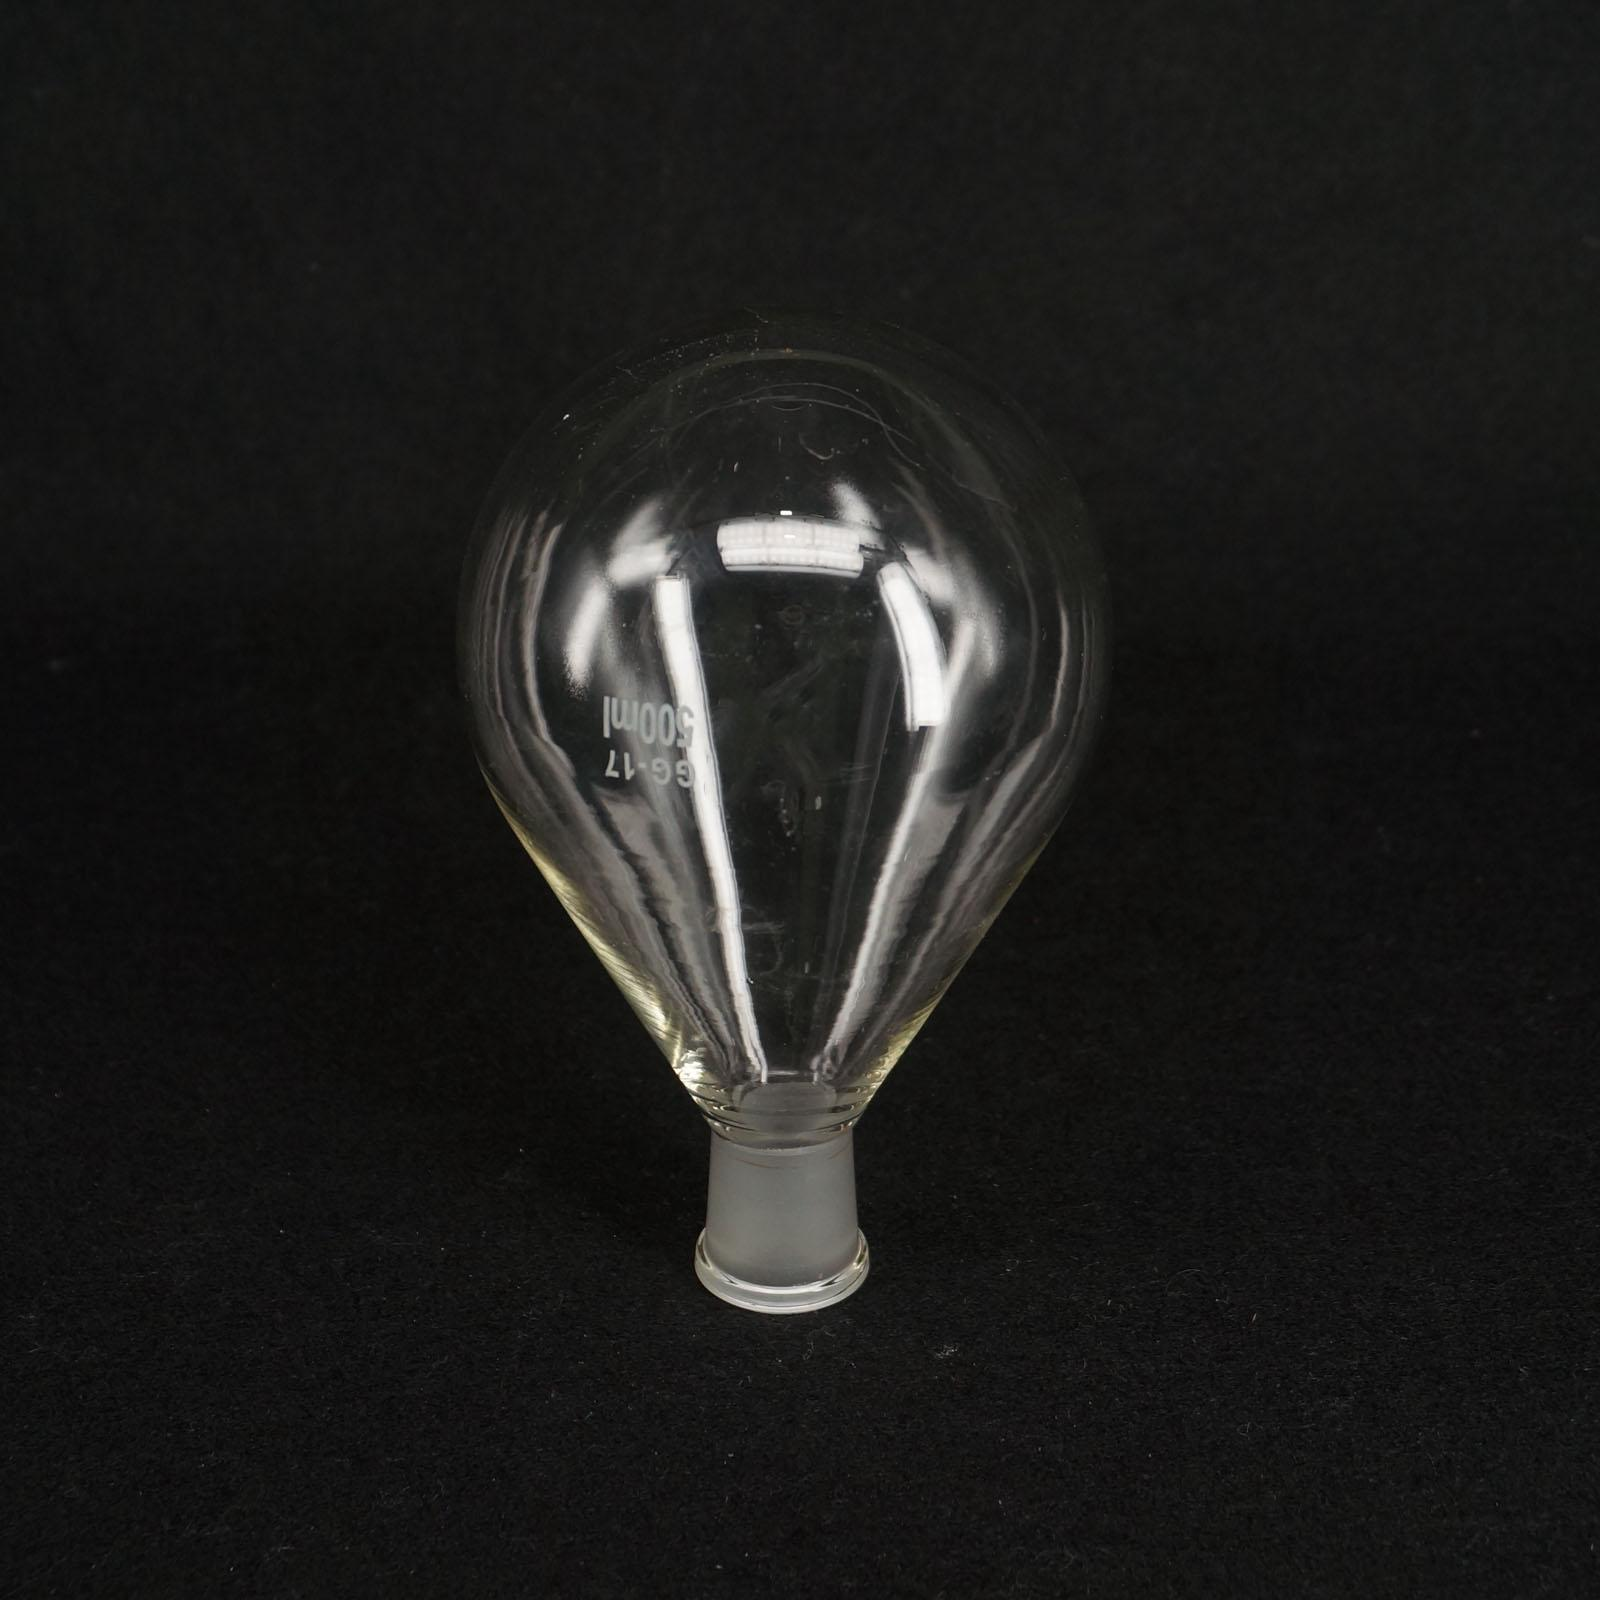 500 мл 19/26 Quickfit Совместной Лаборатории Стеклянный Роторном Испарителе Колбу с Круглым Дном Посуды